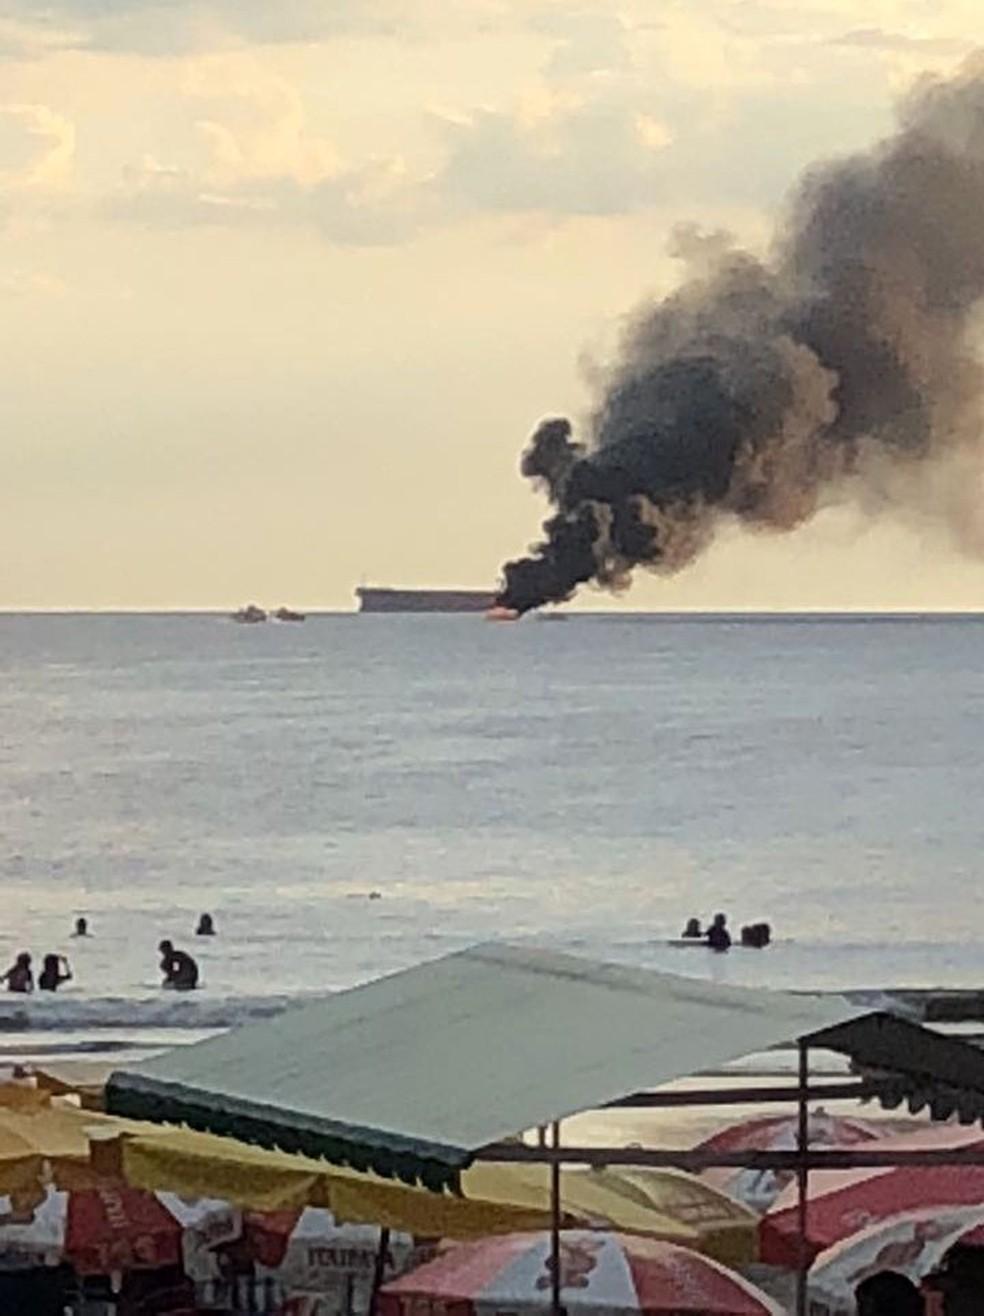 Fumaça de lancha em chamas podia ser vista de diversos pontos (Foto: G1 Santos)